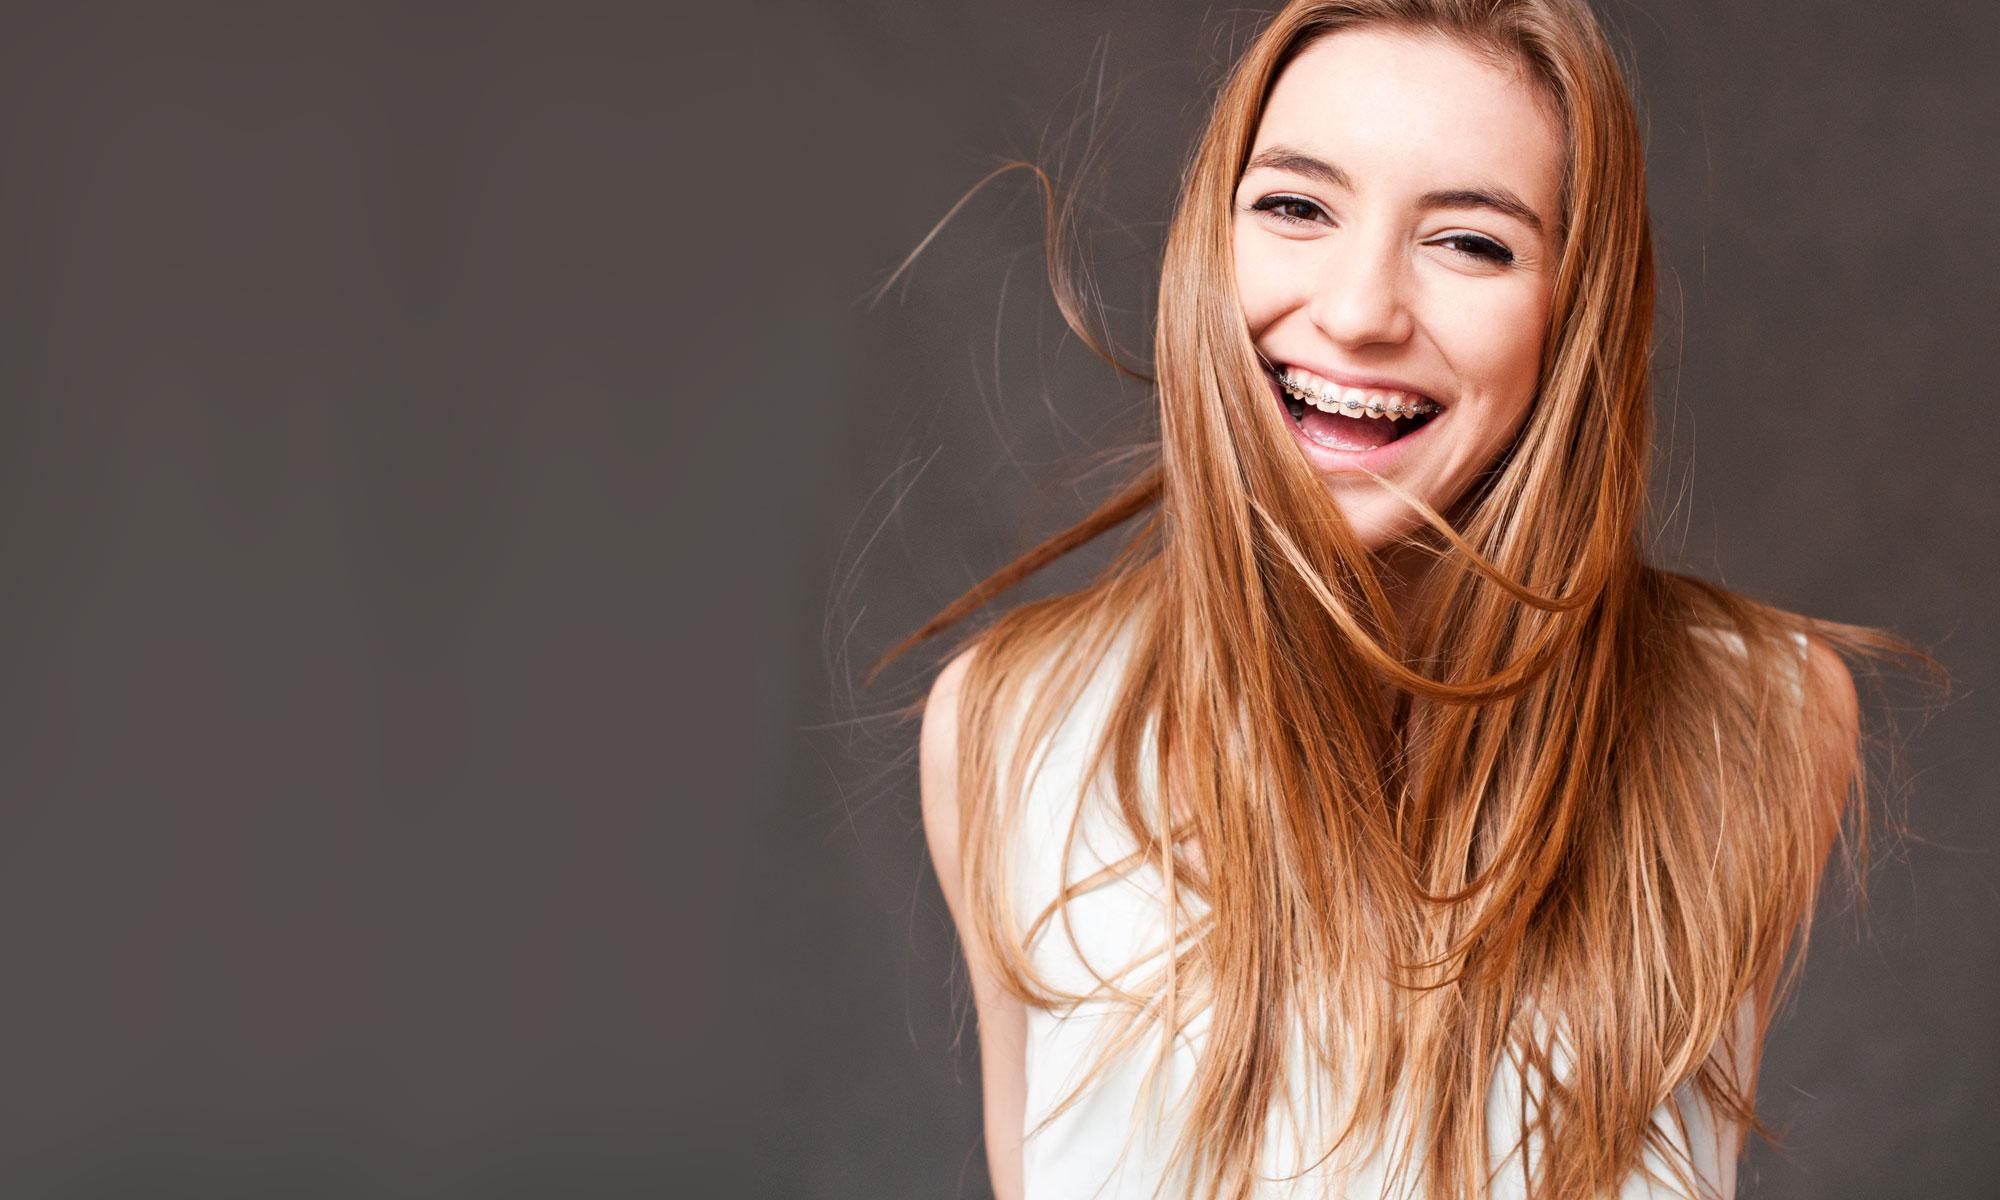 centrum pięknego uśmiechu ortodent jolanta sęk